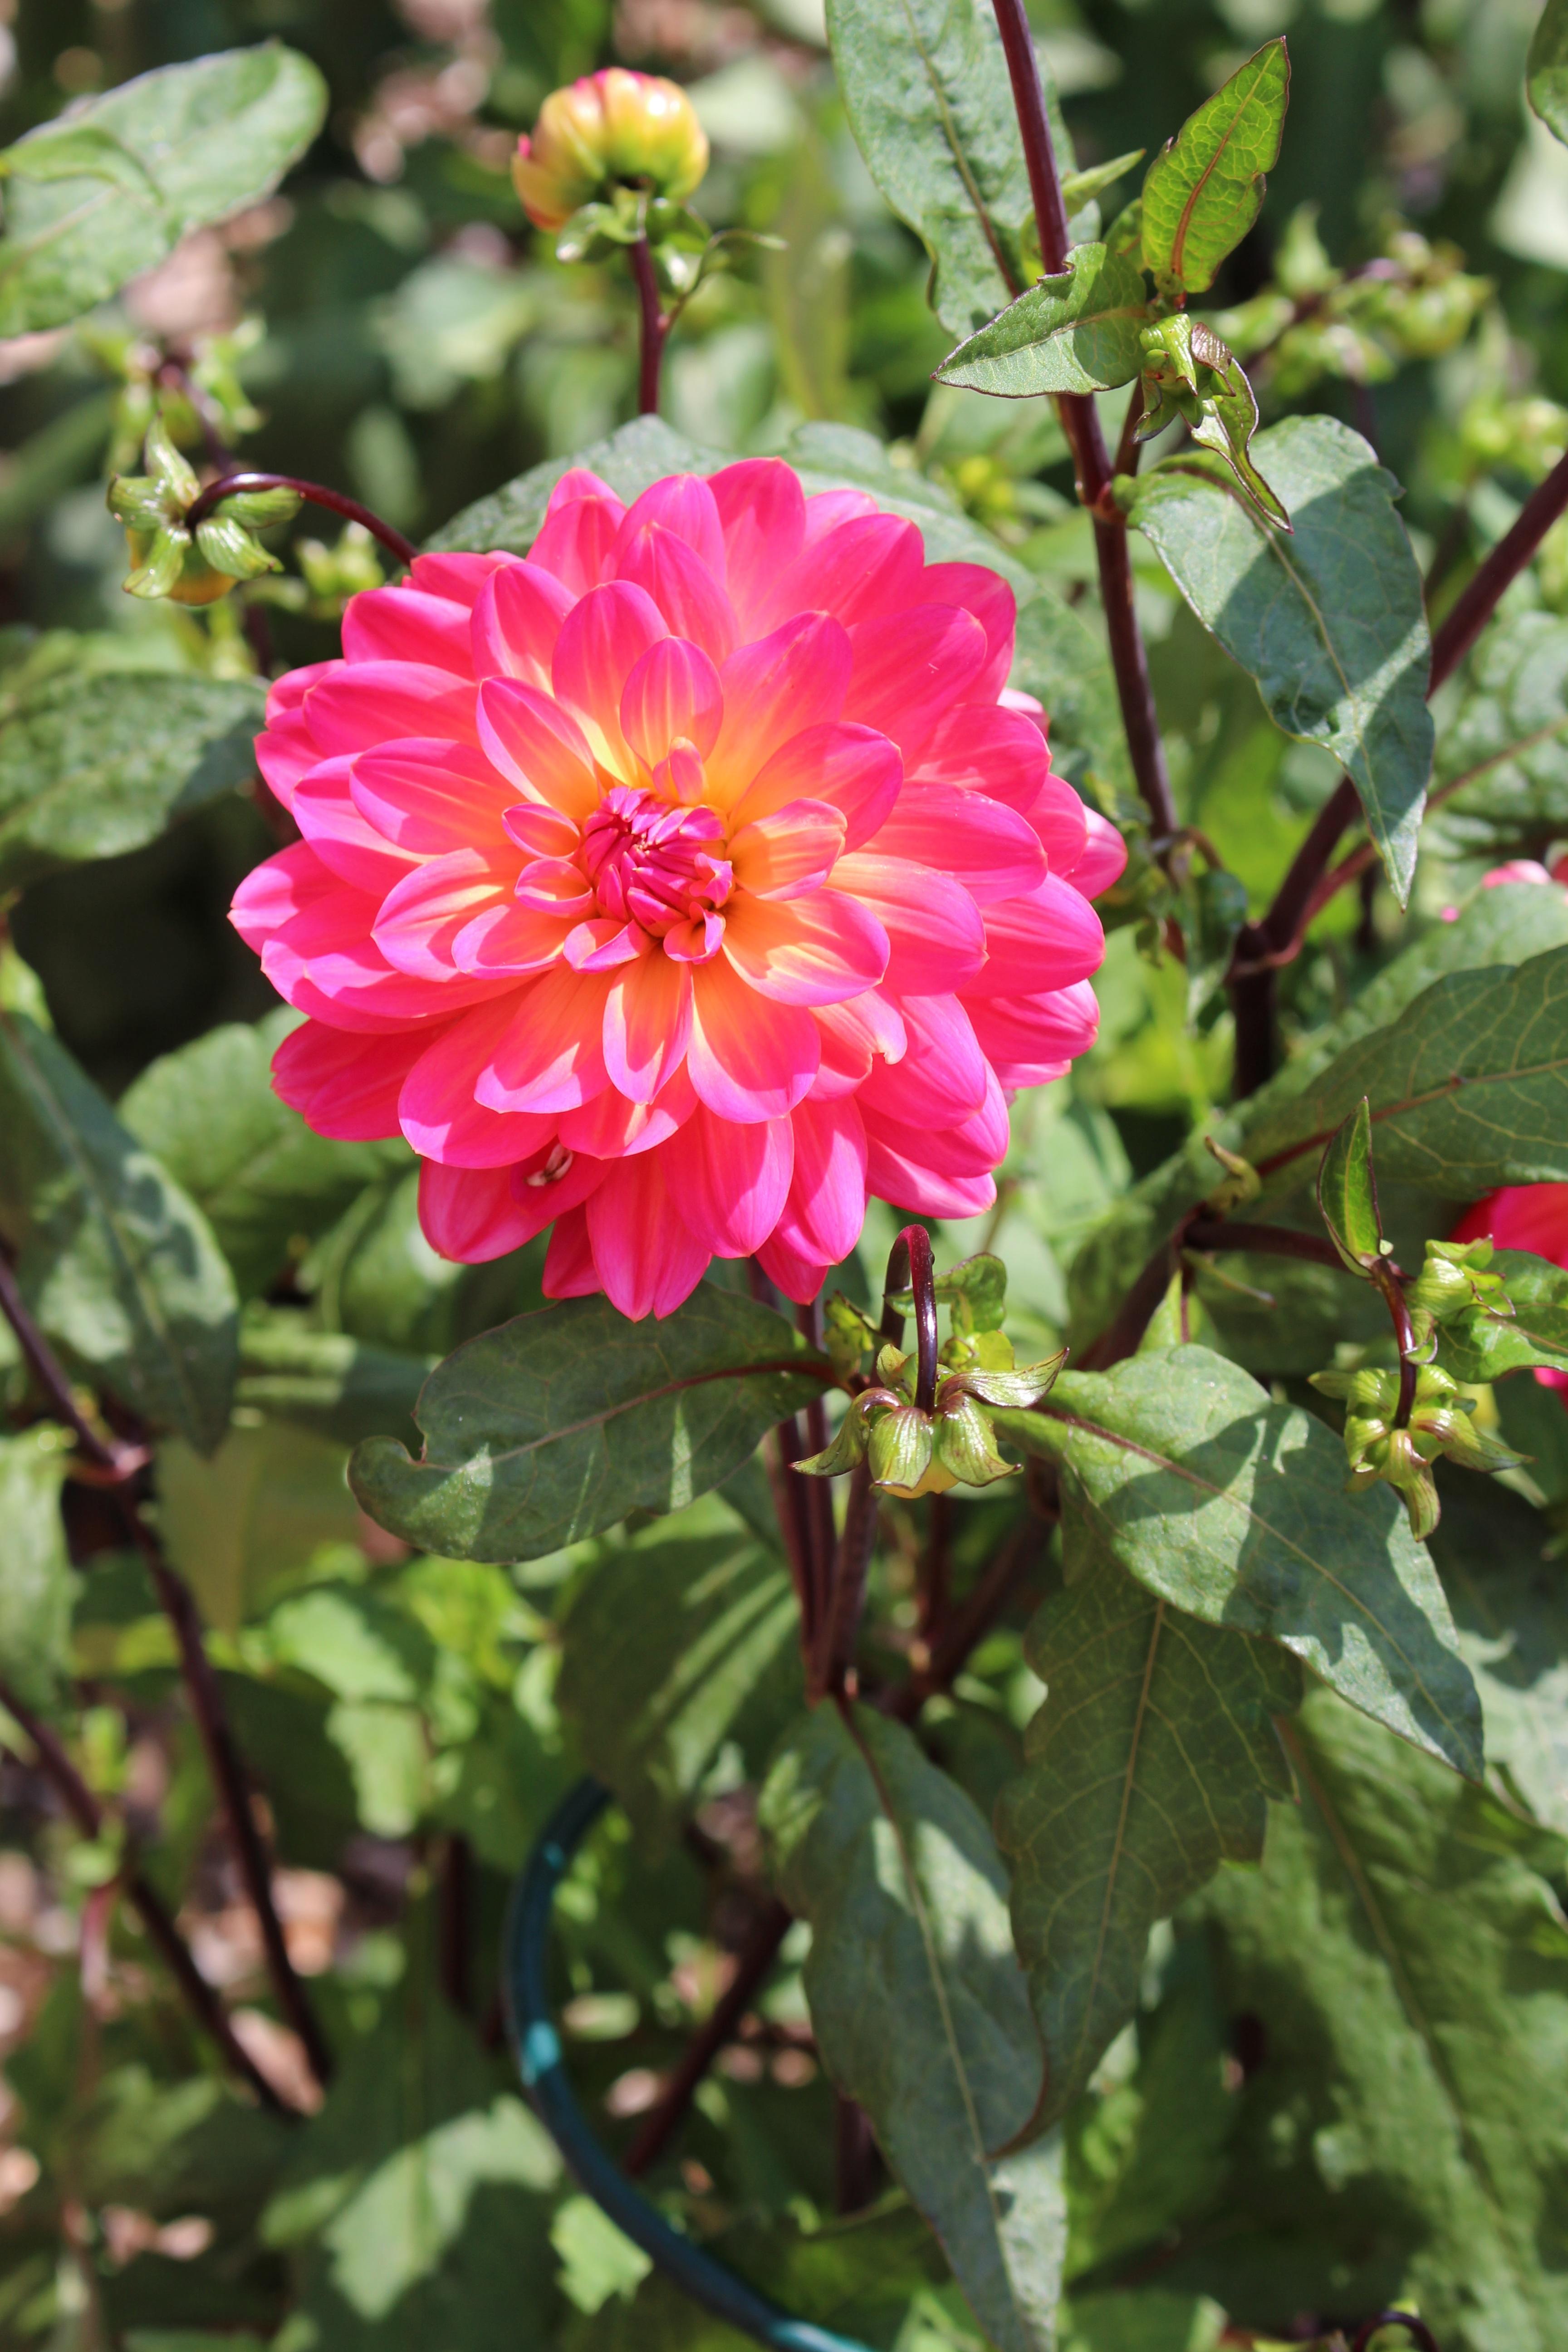 Kostenlose foto : Natur, draussen, blühen, Blume, Blütenblatt ...